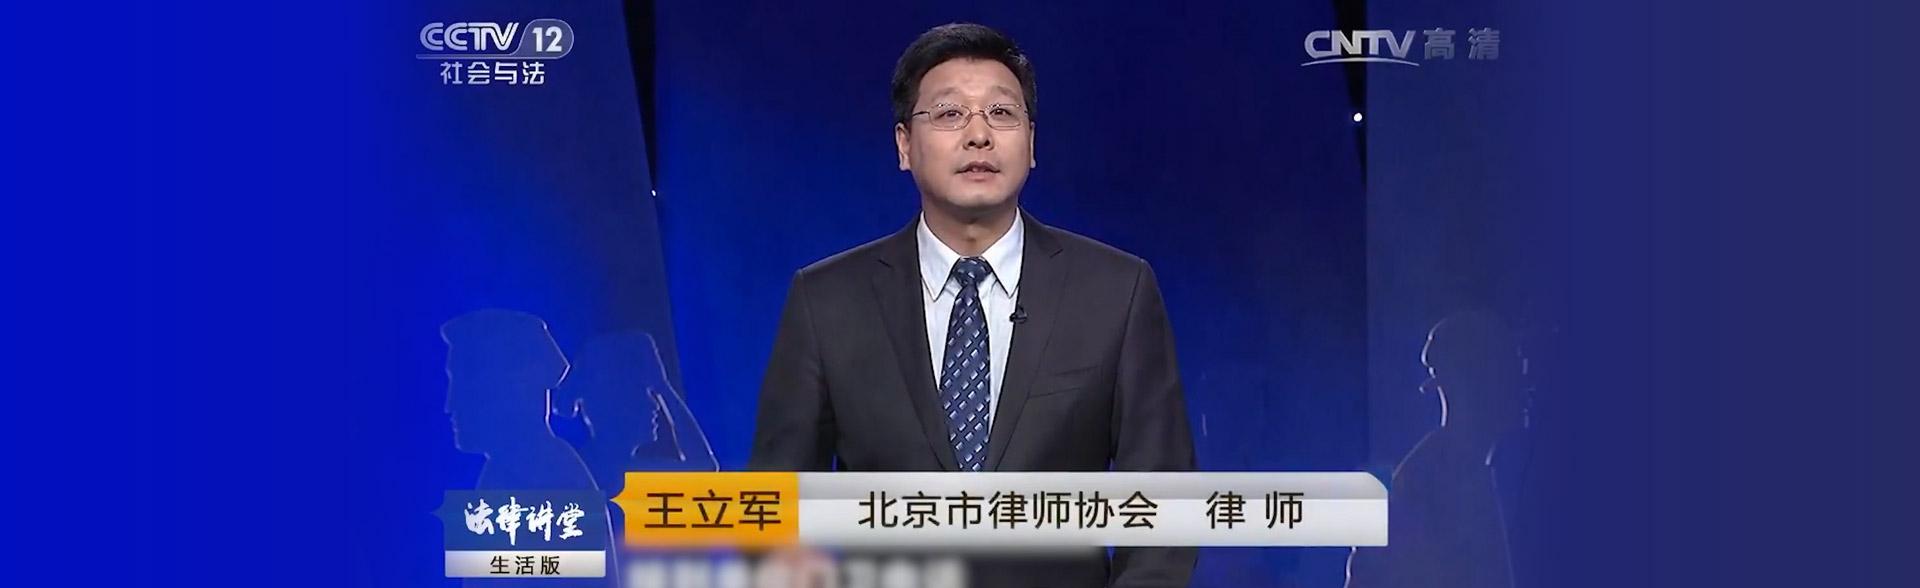 北京有名刑事辩护律师